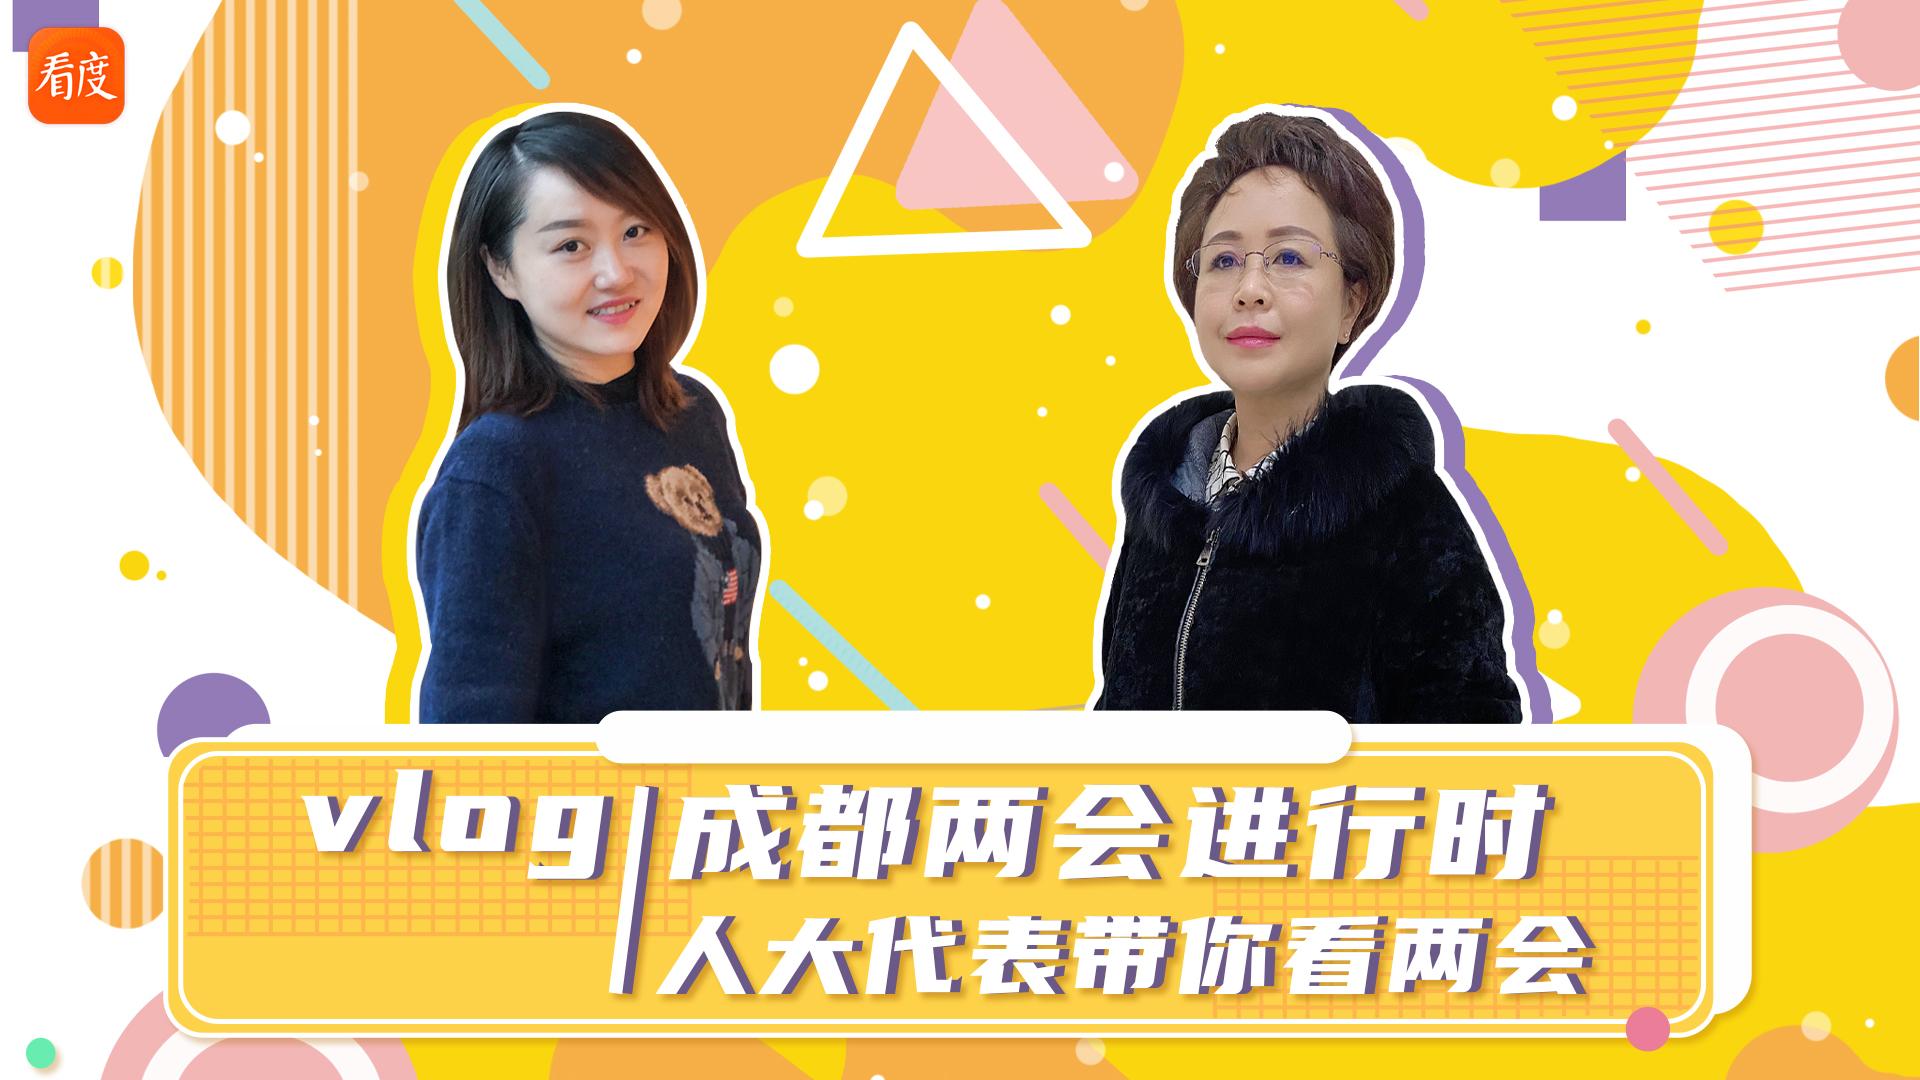 两会VLOG丨报到第一天 跟随成都市人大代表刘文隽一起打探现场